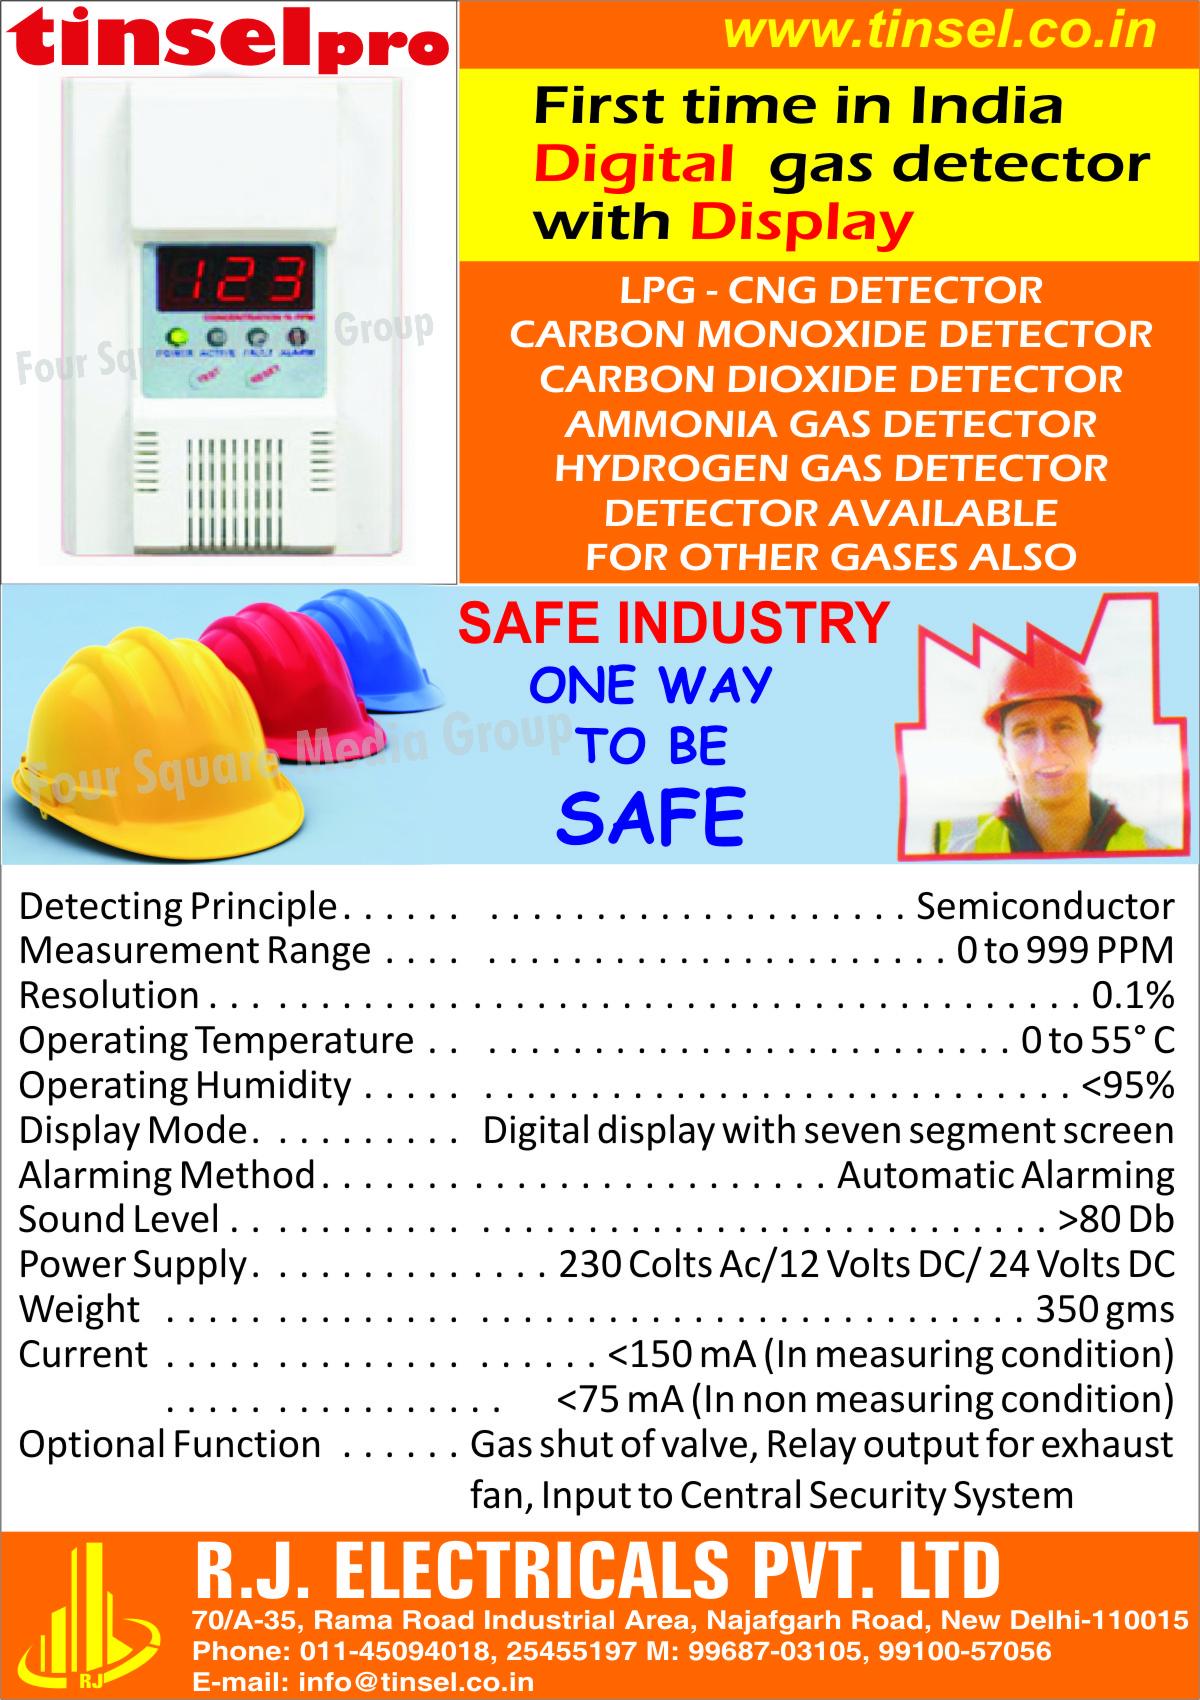 Digital Gas Detector With Display, LPG Detectors, CNG Detectors, Carbon Monoxide Detectors, Carbon Dioxide Detectors, Ammanonia Gas Detectors, Hydrogen Gas Detectors, Gas Detectors